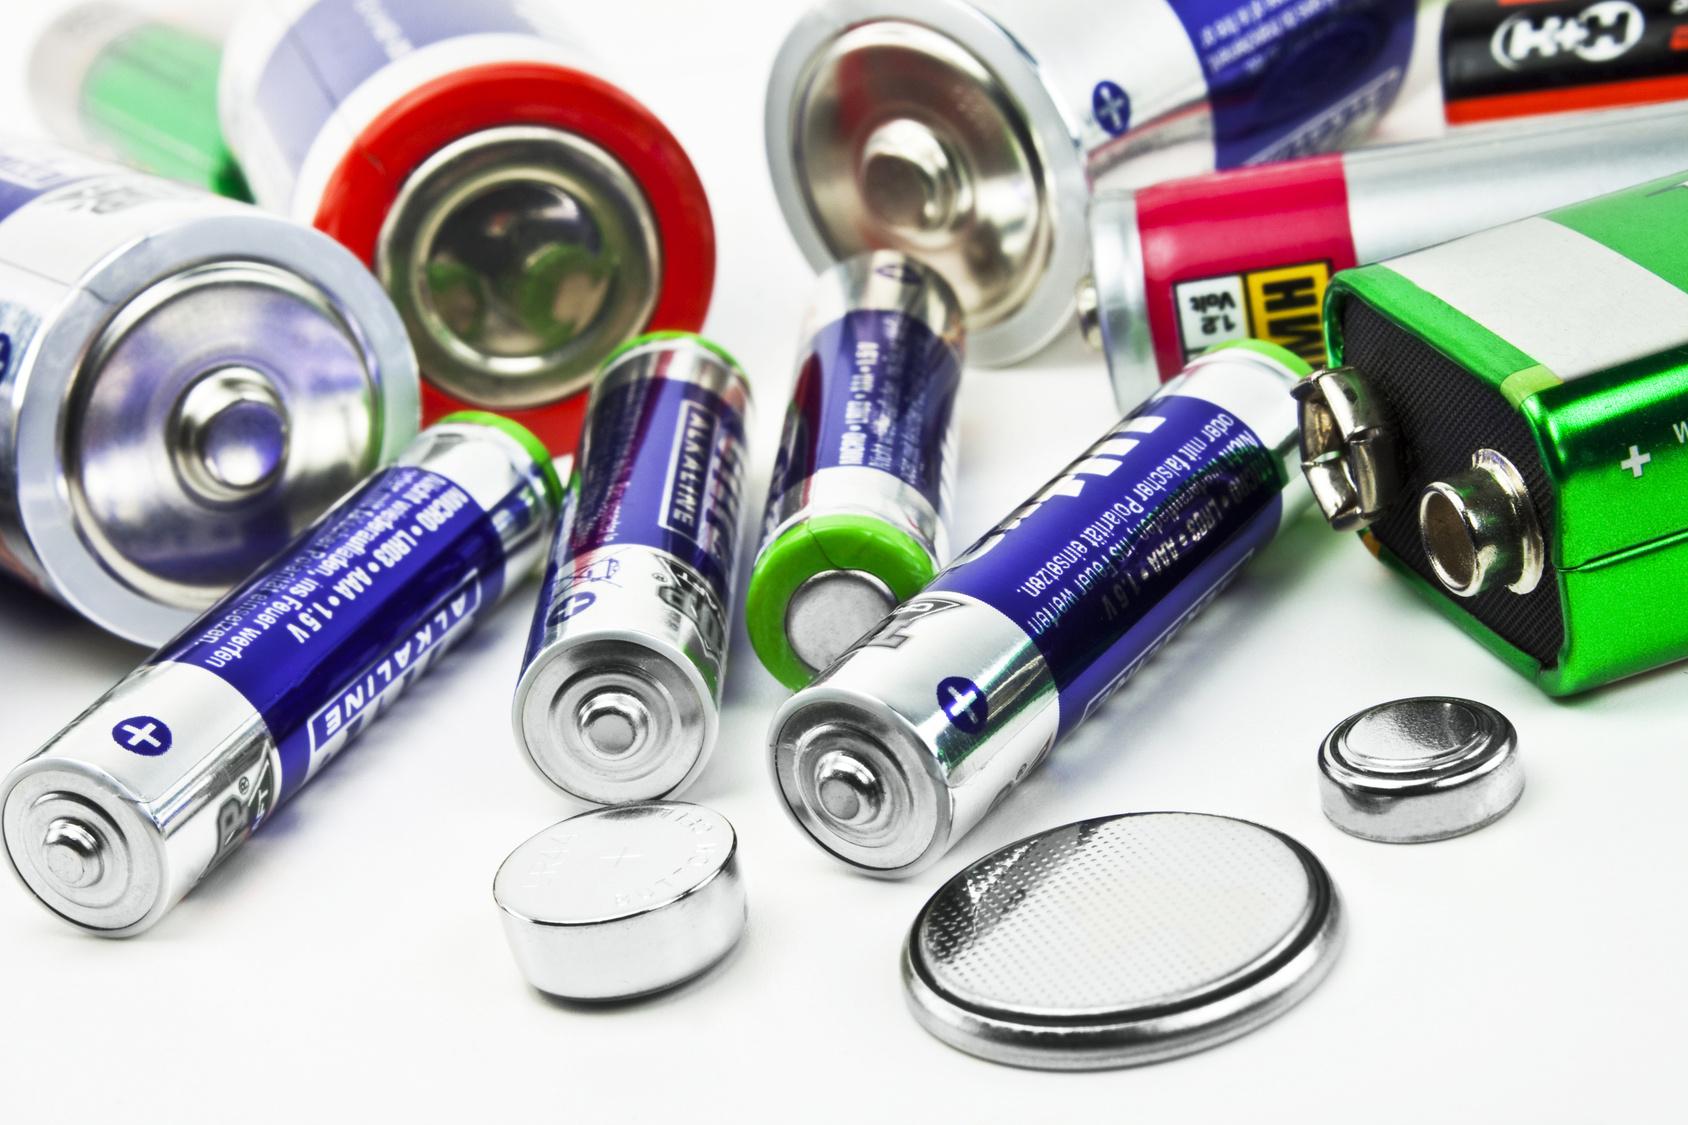 В Украине утилизируют лишь 1% использованных батареек